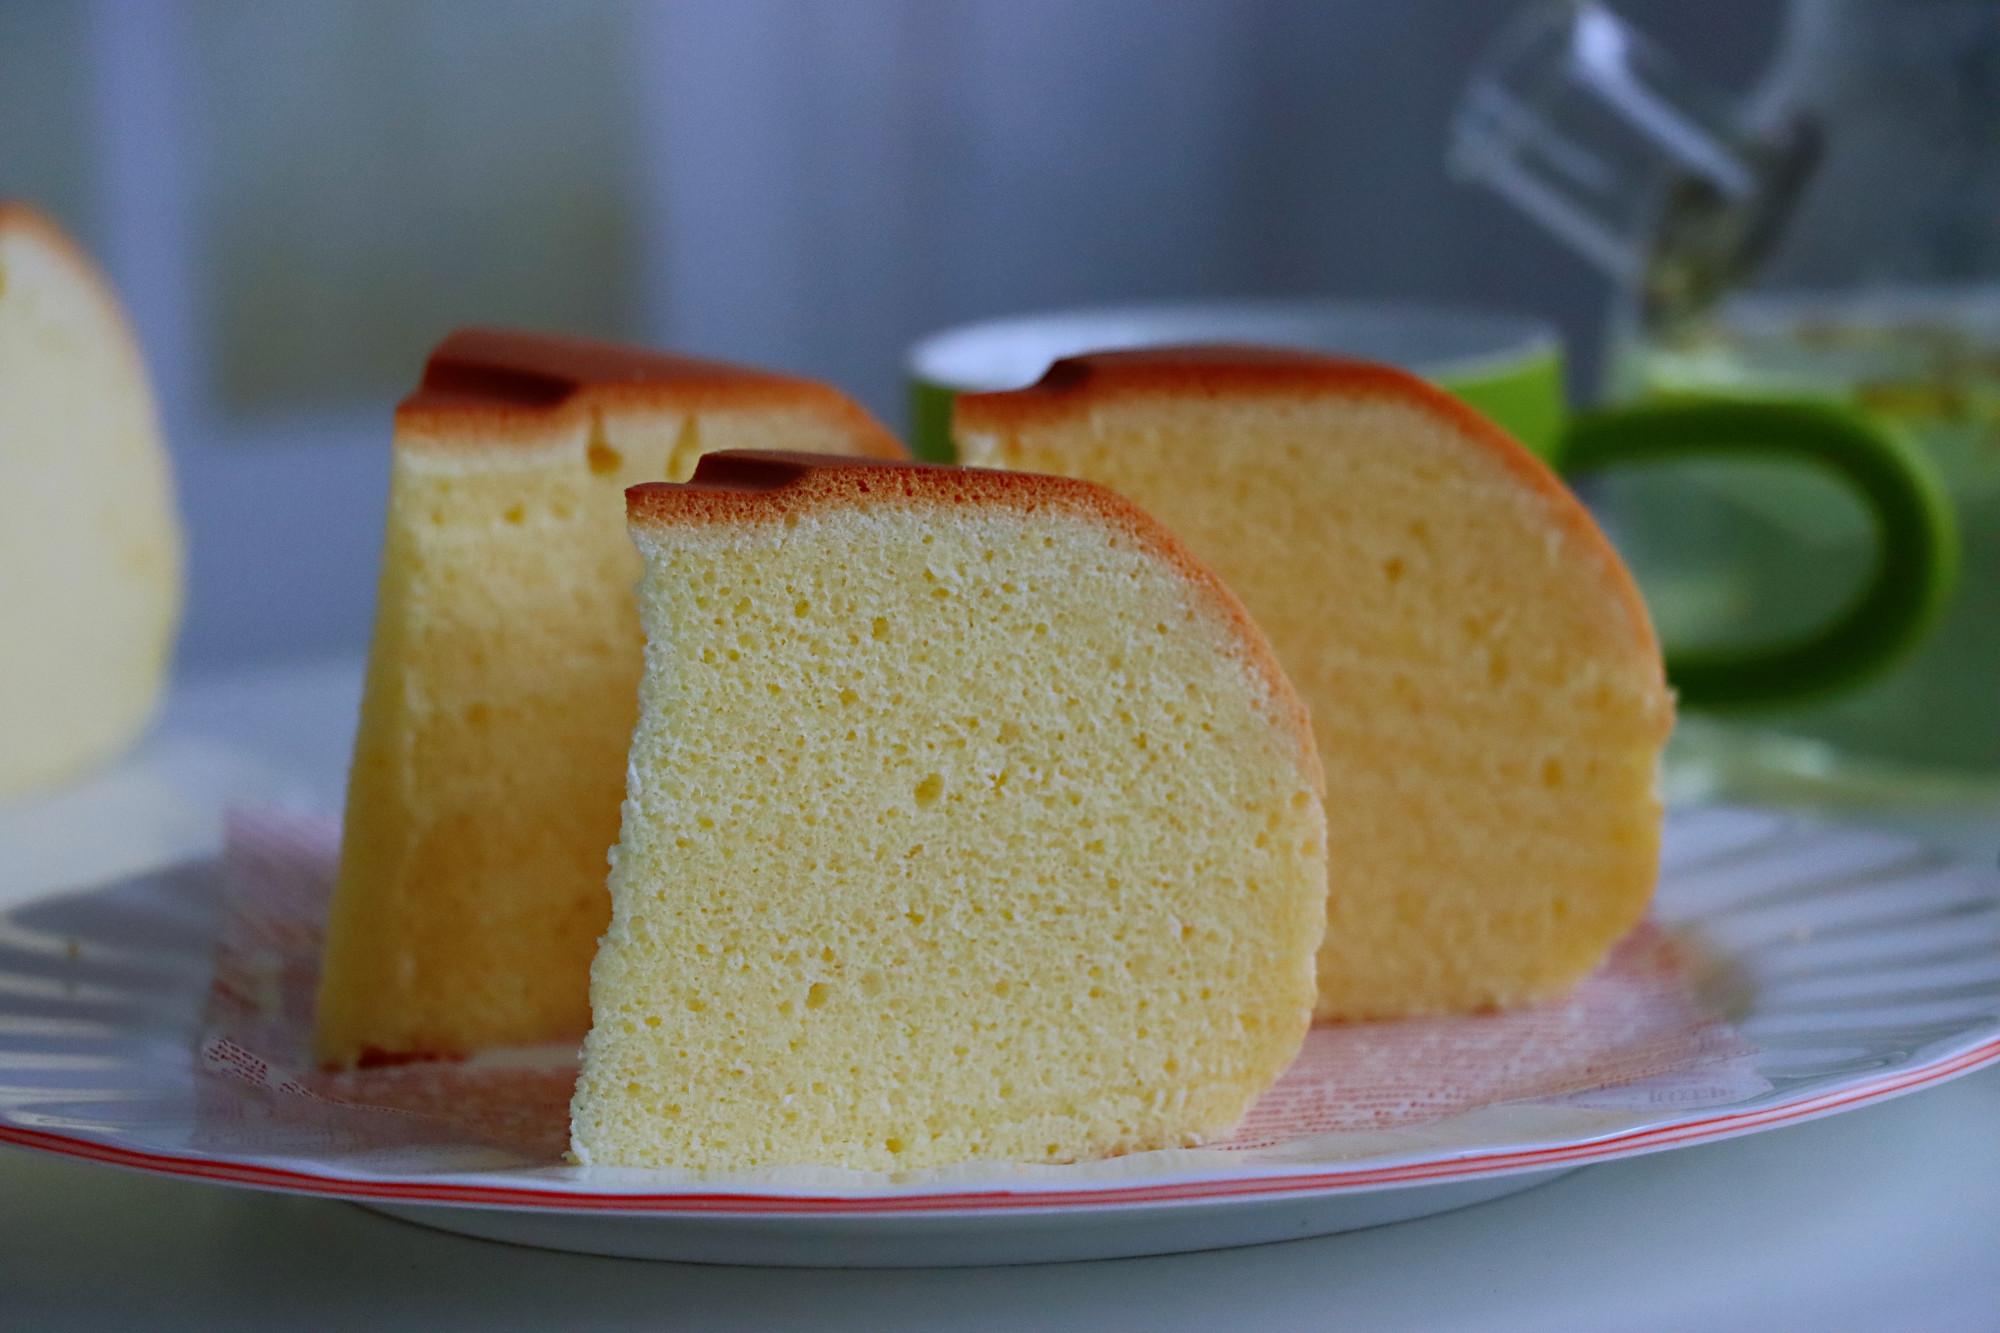 電飯煲做出8厘米高度蛋糕,方法是關鍵,很多人做錯,難怪像大餅